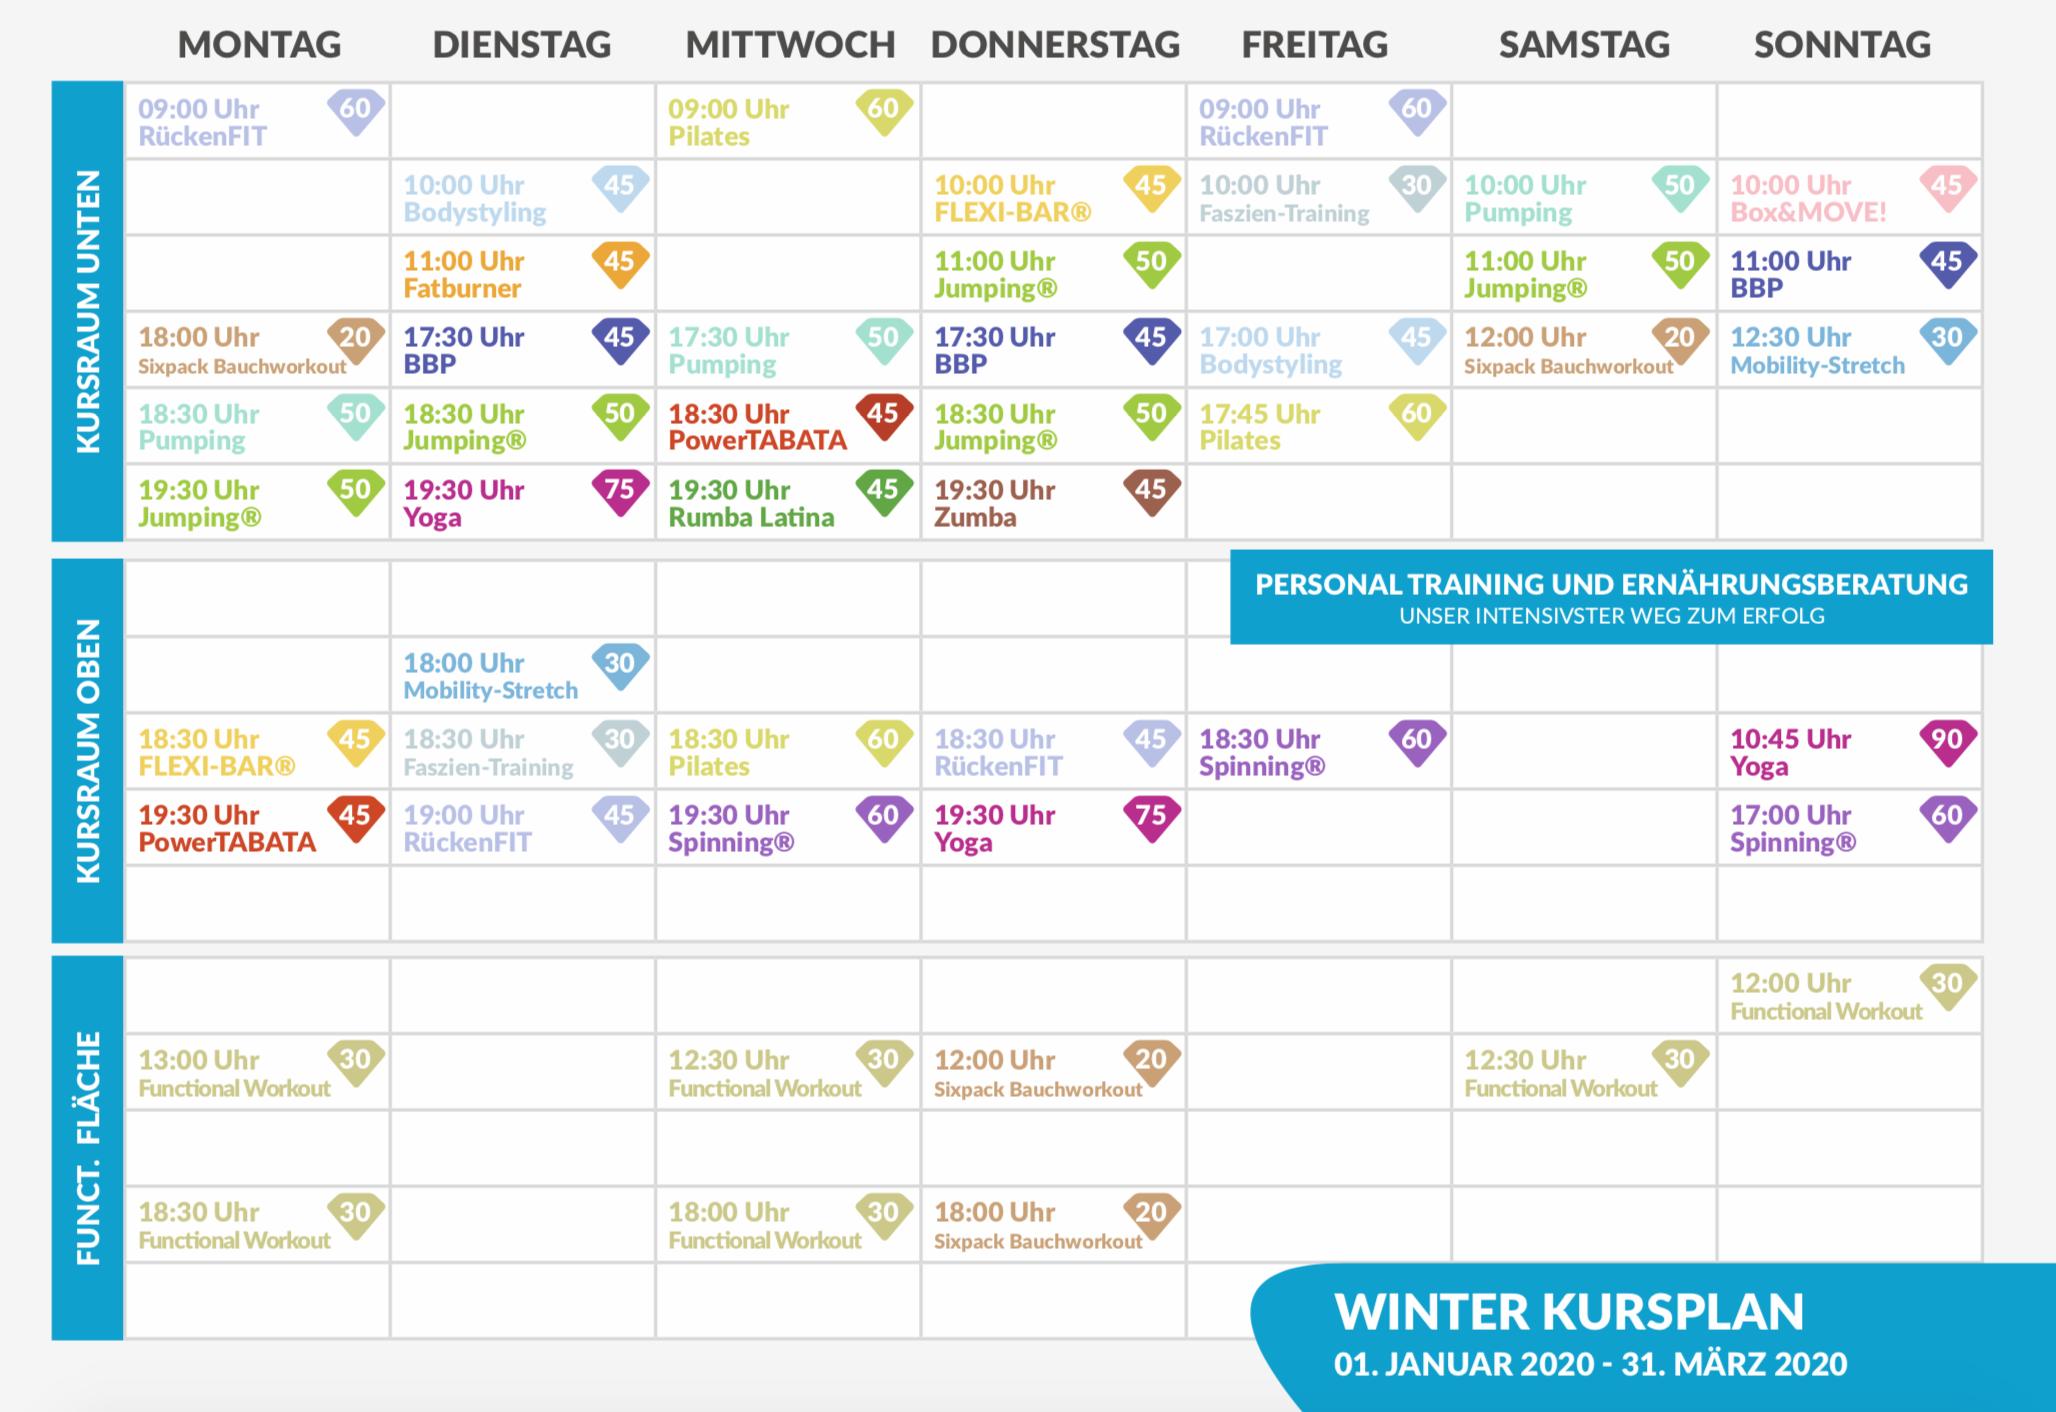 Kursplan Winter2020 MOVEMENT - Kursplan